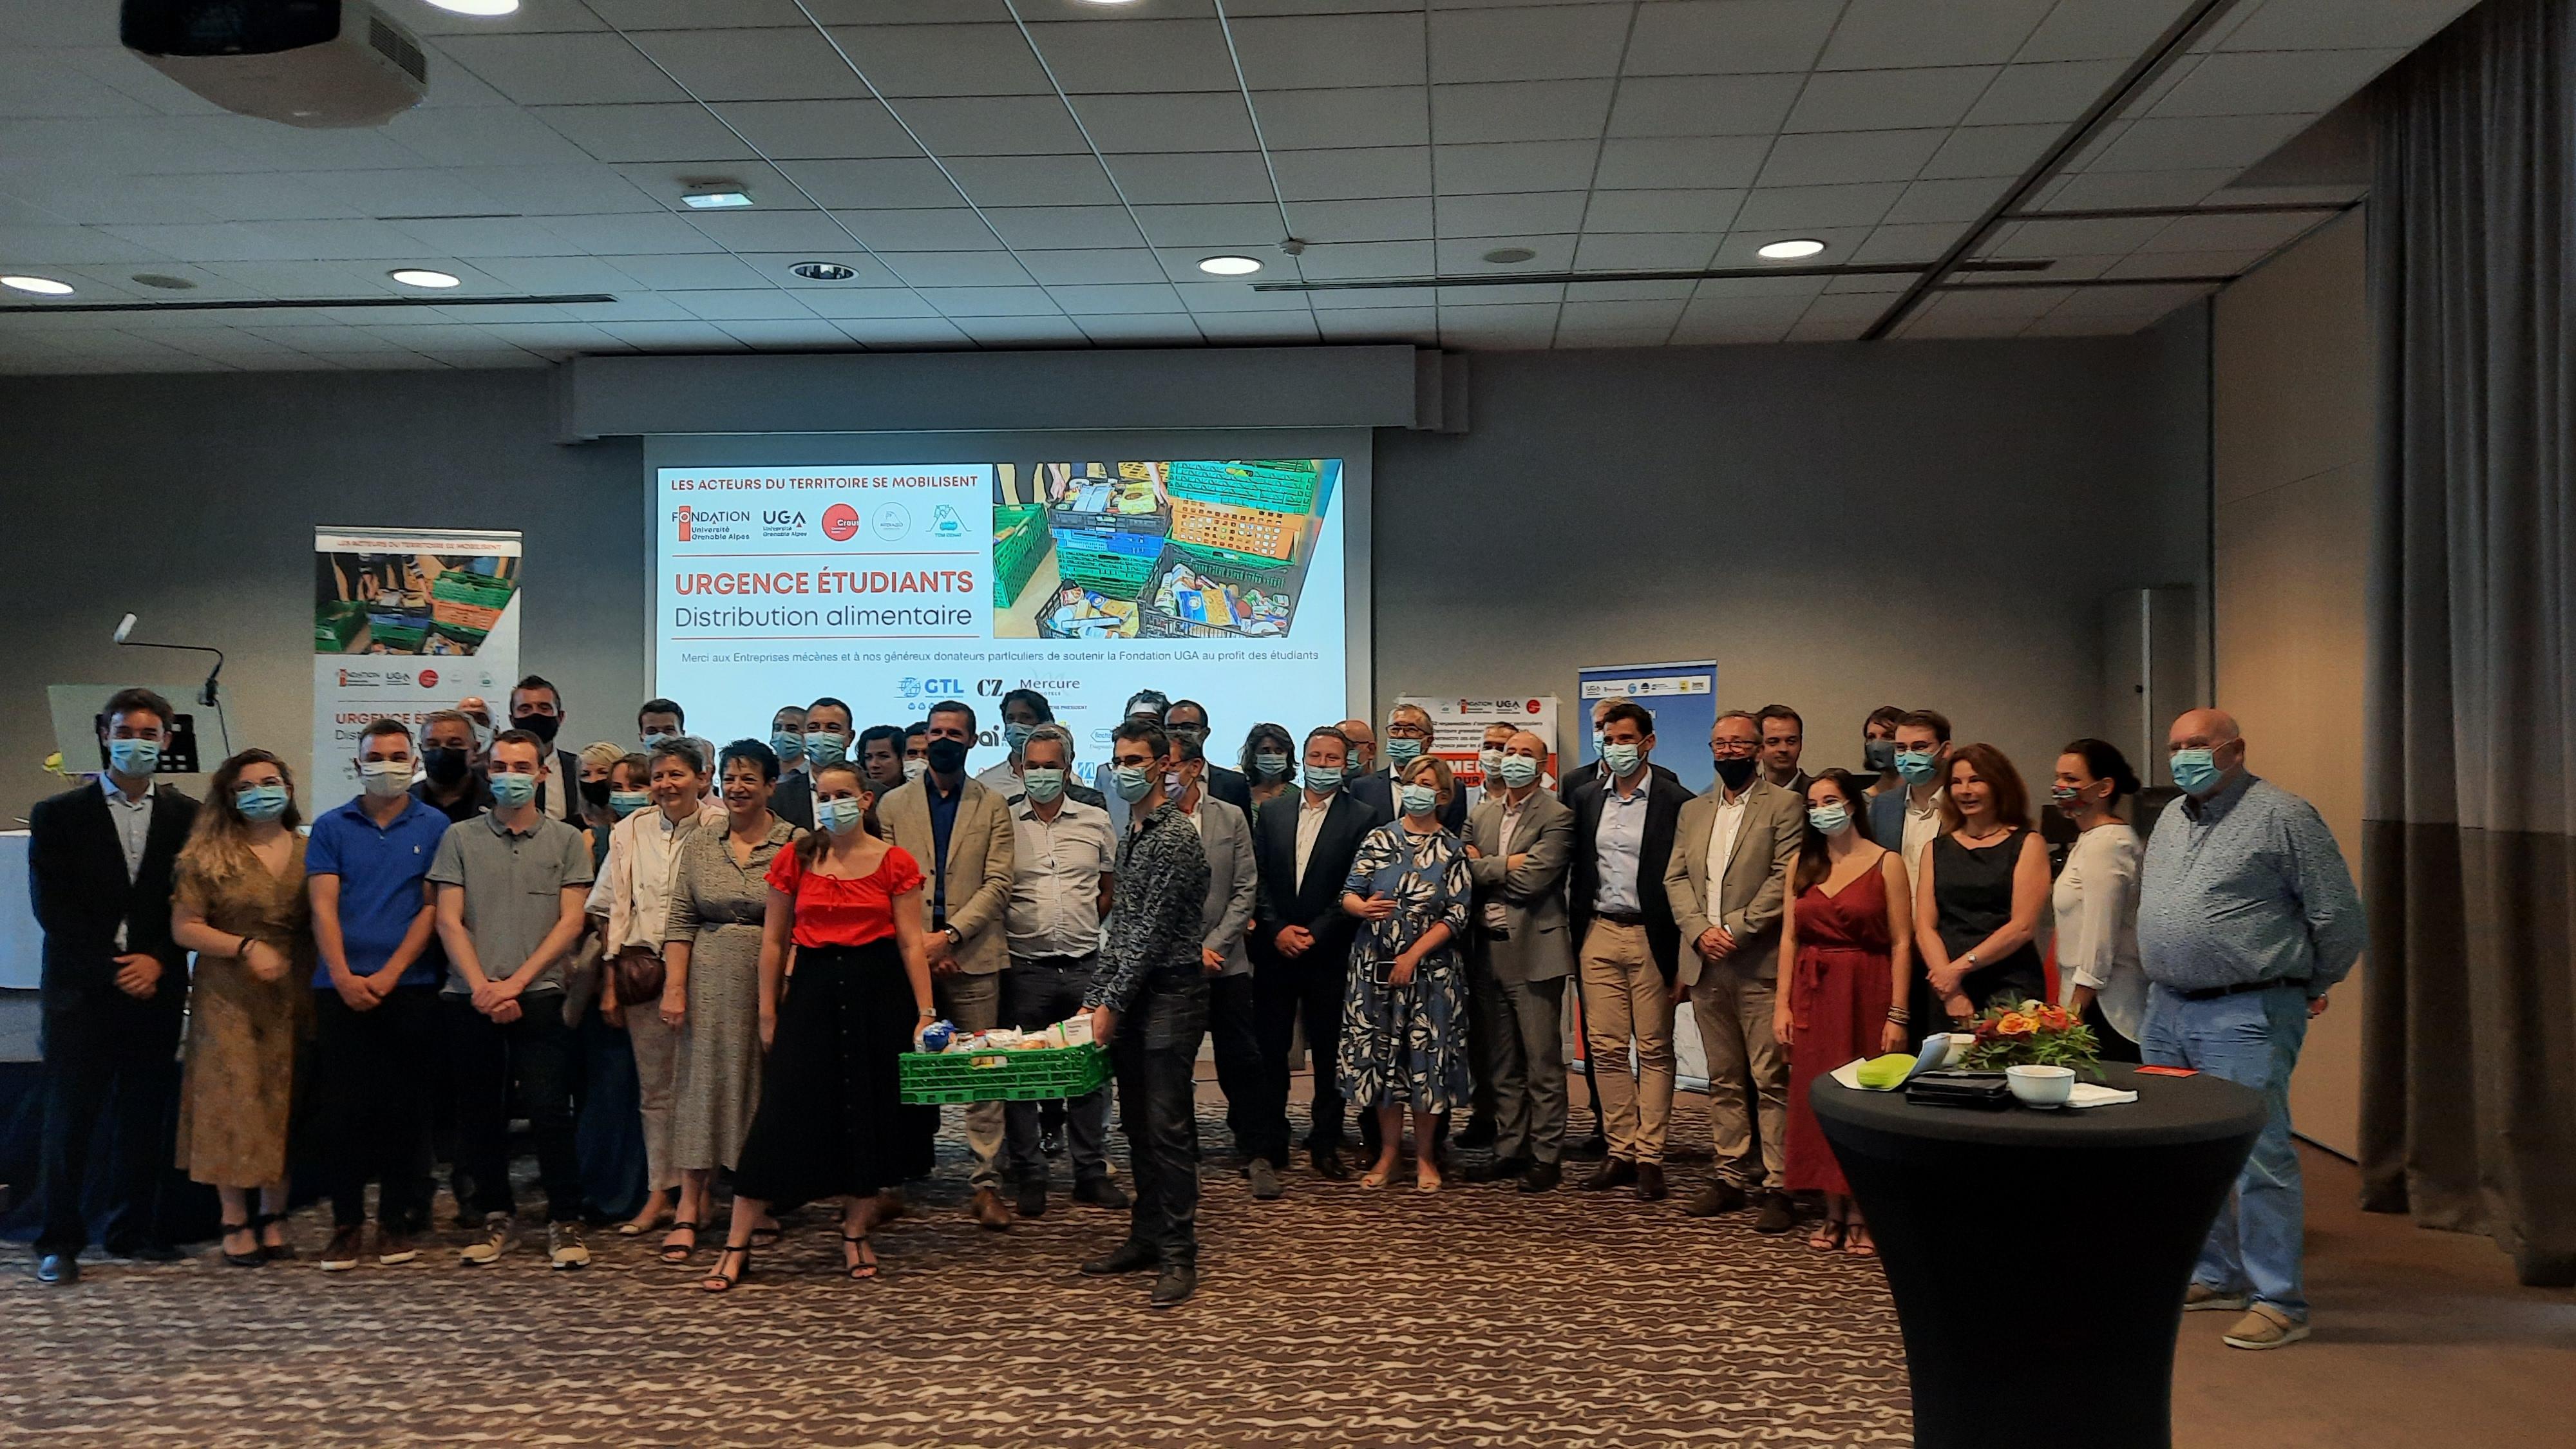 Donateurs campagne URGENCE ETUDIANTS - Distribution alimentaire à l'UGA